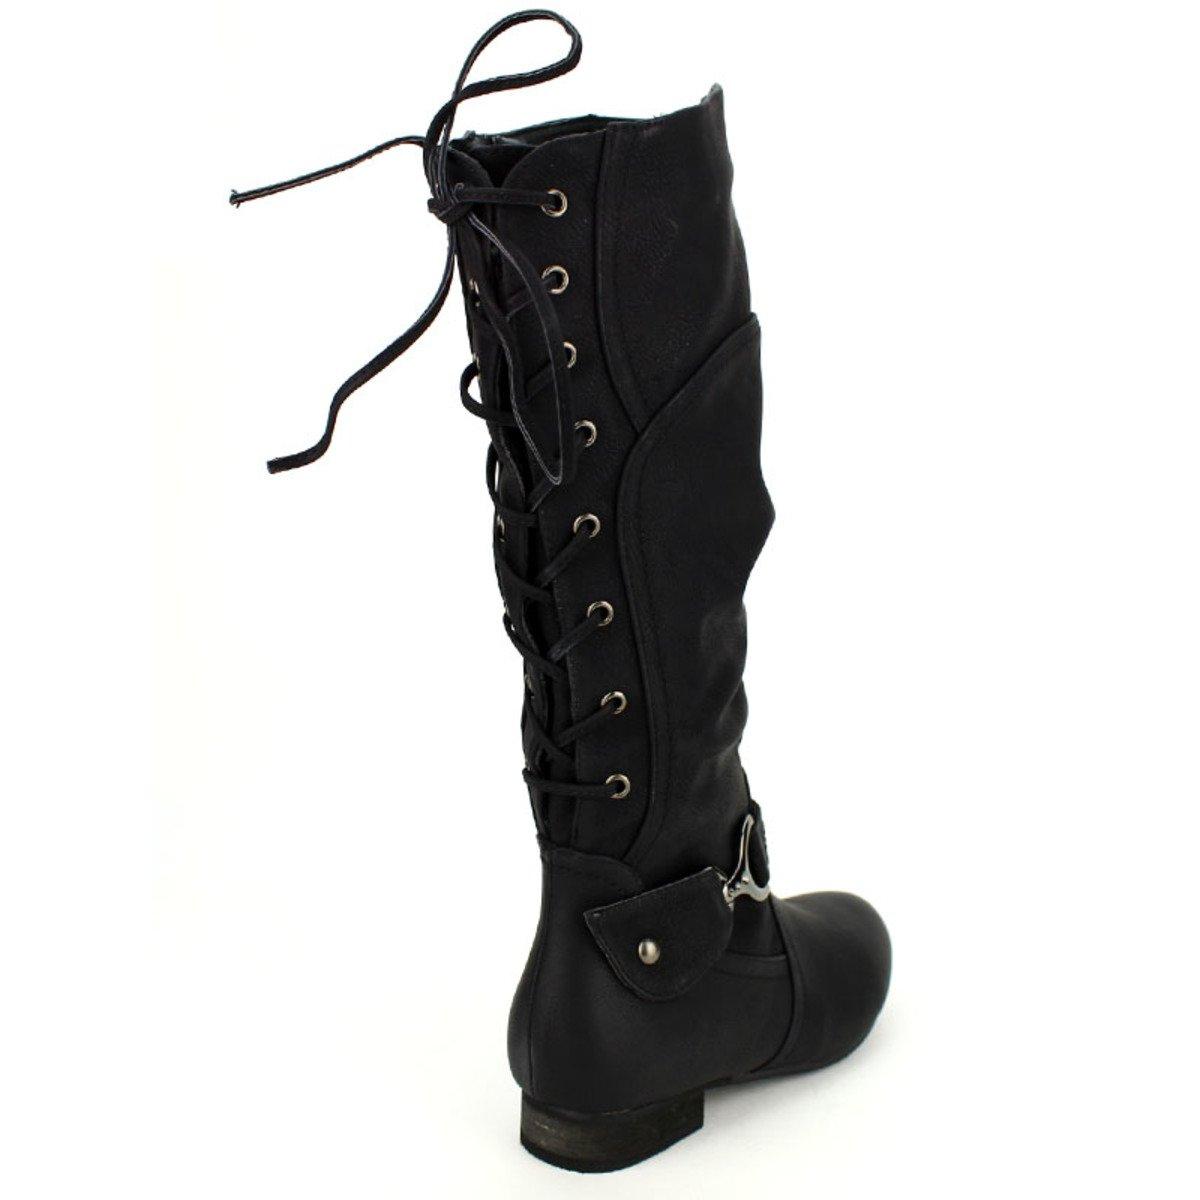 c42c766d21eb Noire Botte Simili Cendriyon Peau Femme Libra Taille Pop Chaussures  CSPPFwqnx5